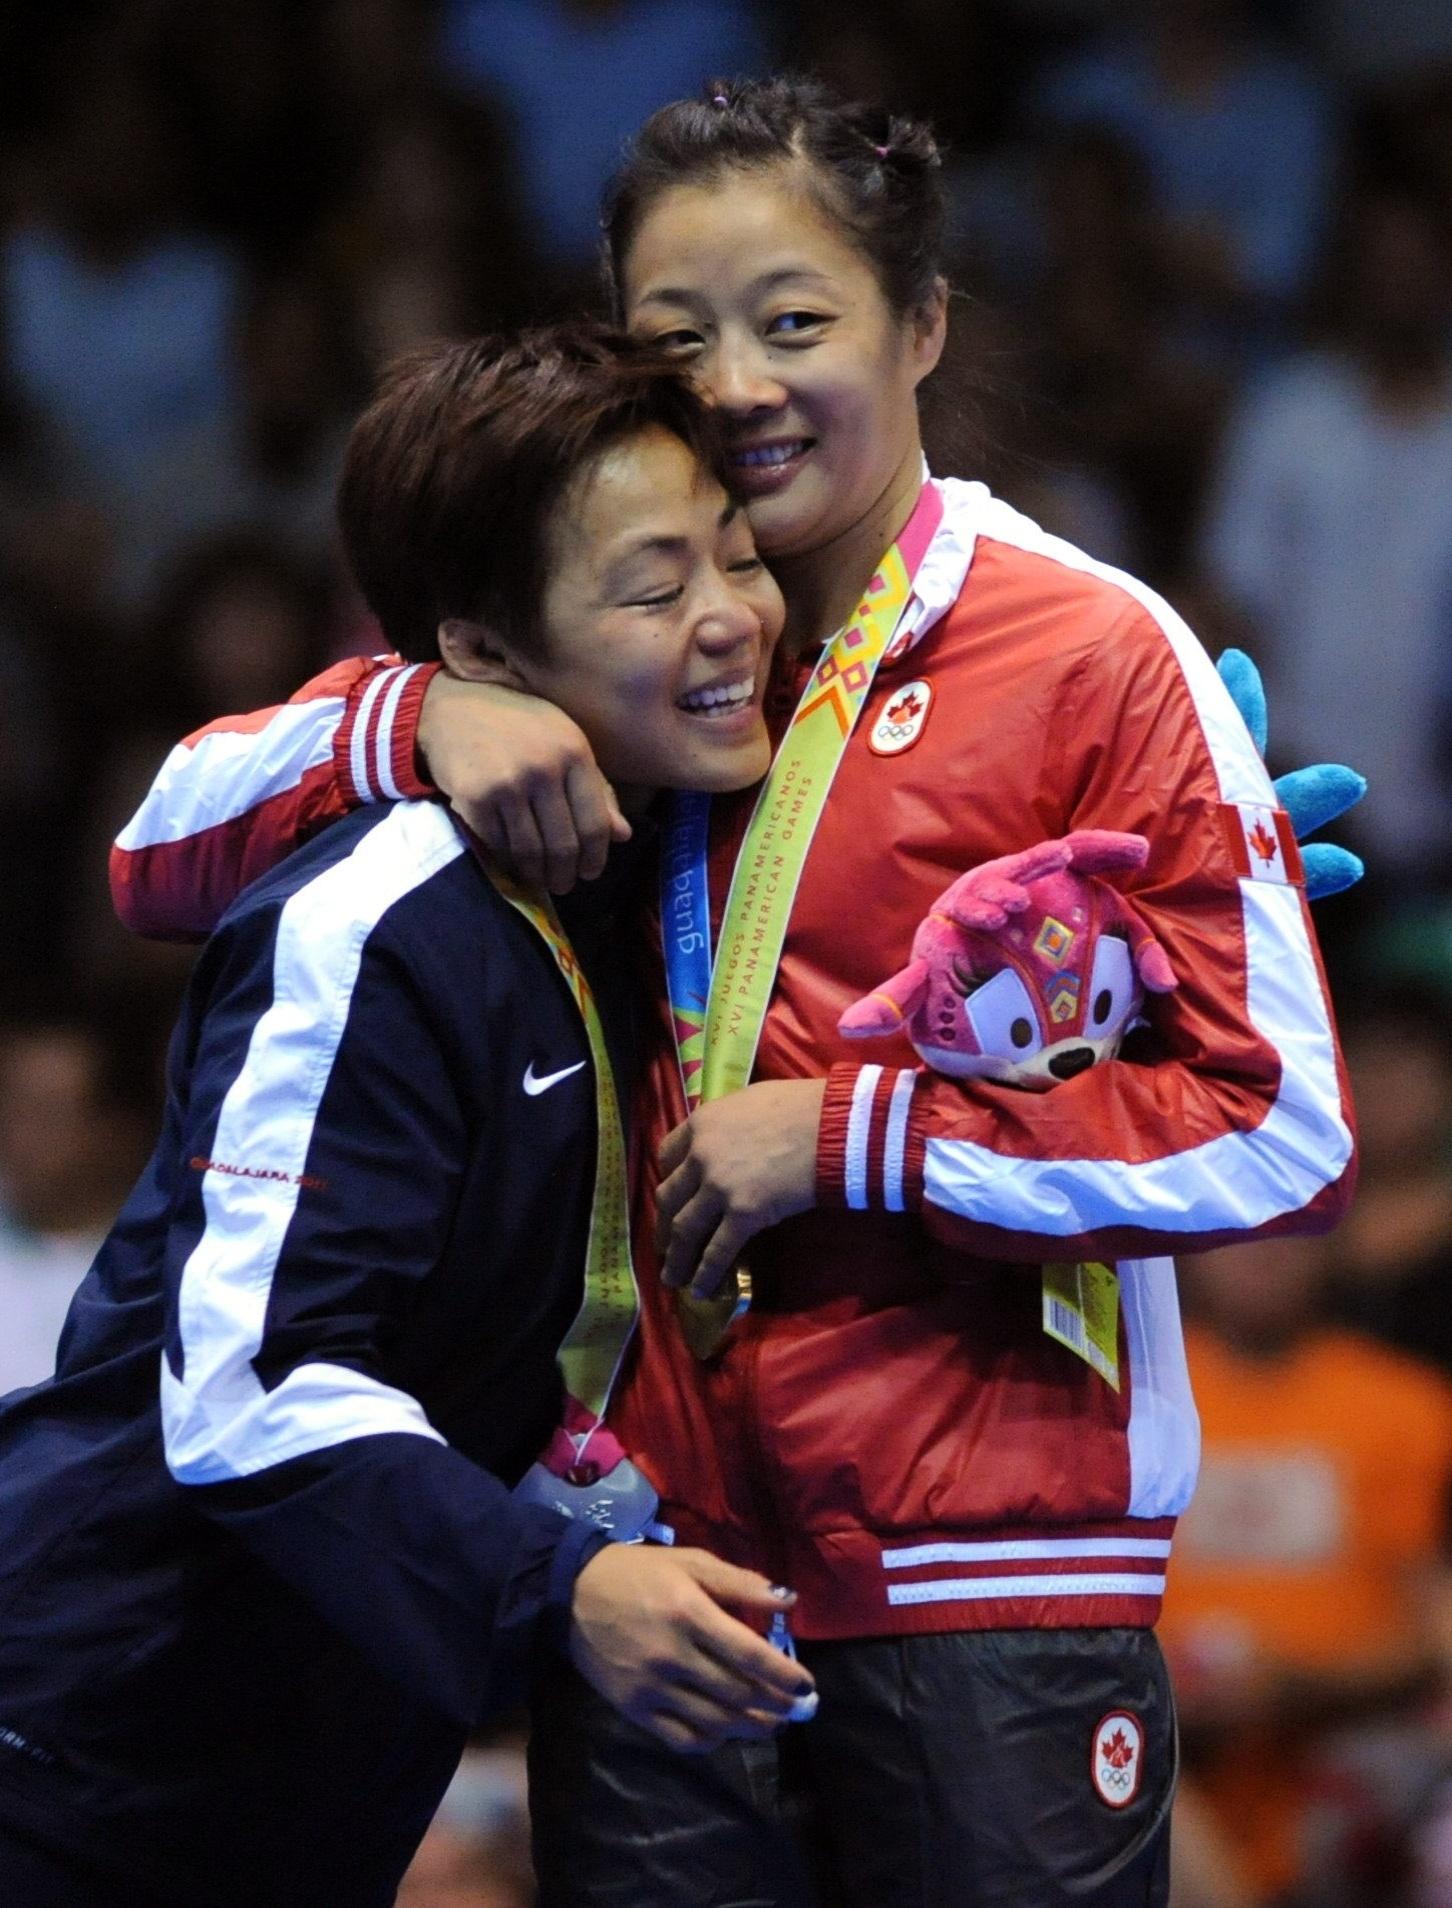 Carol Huyng e Clarissa Chun se confraternizam na cerimônia de premiação da luta olímpica, categoria até 48kg